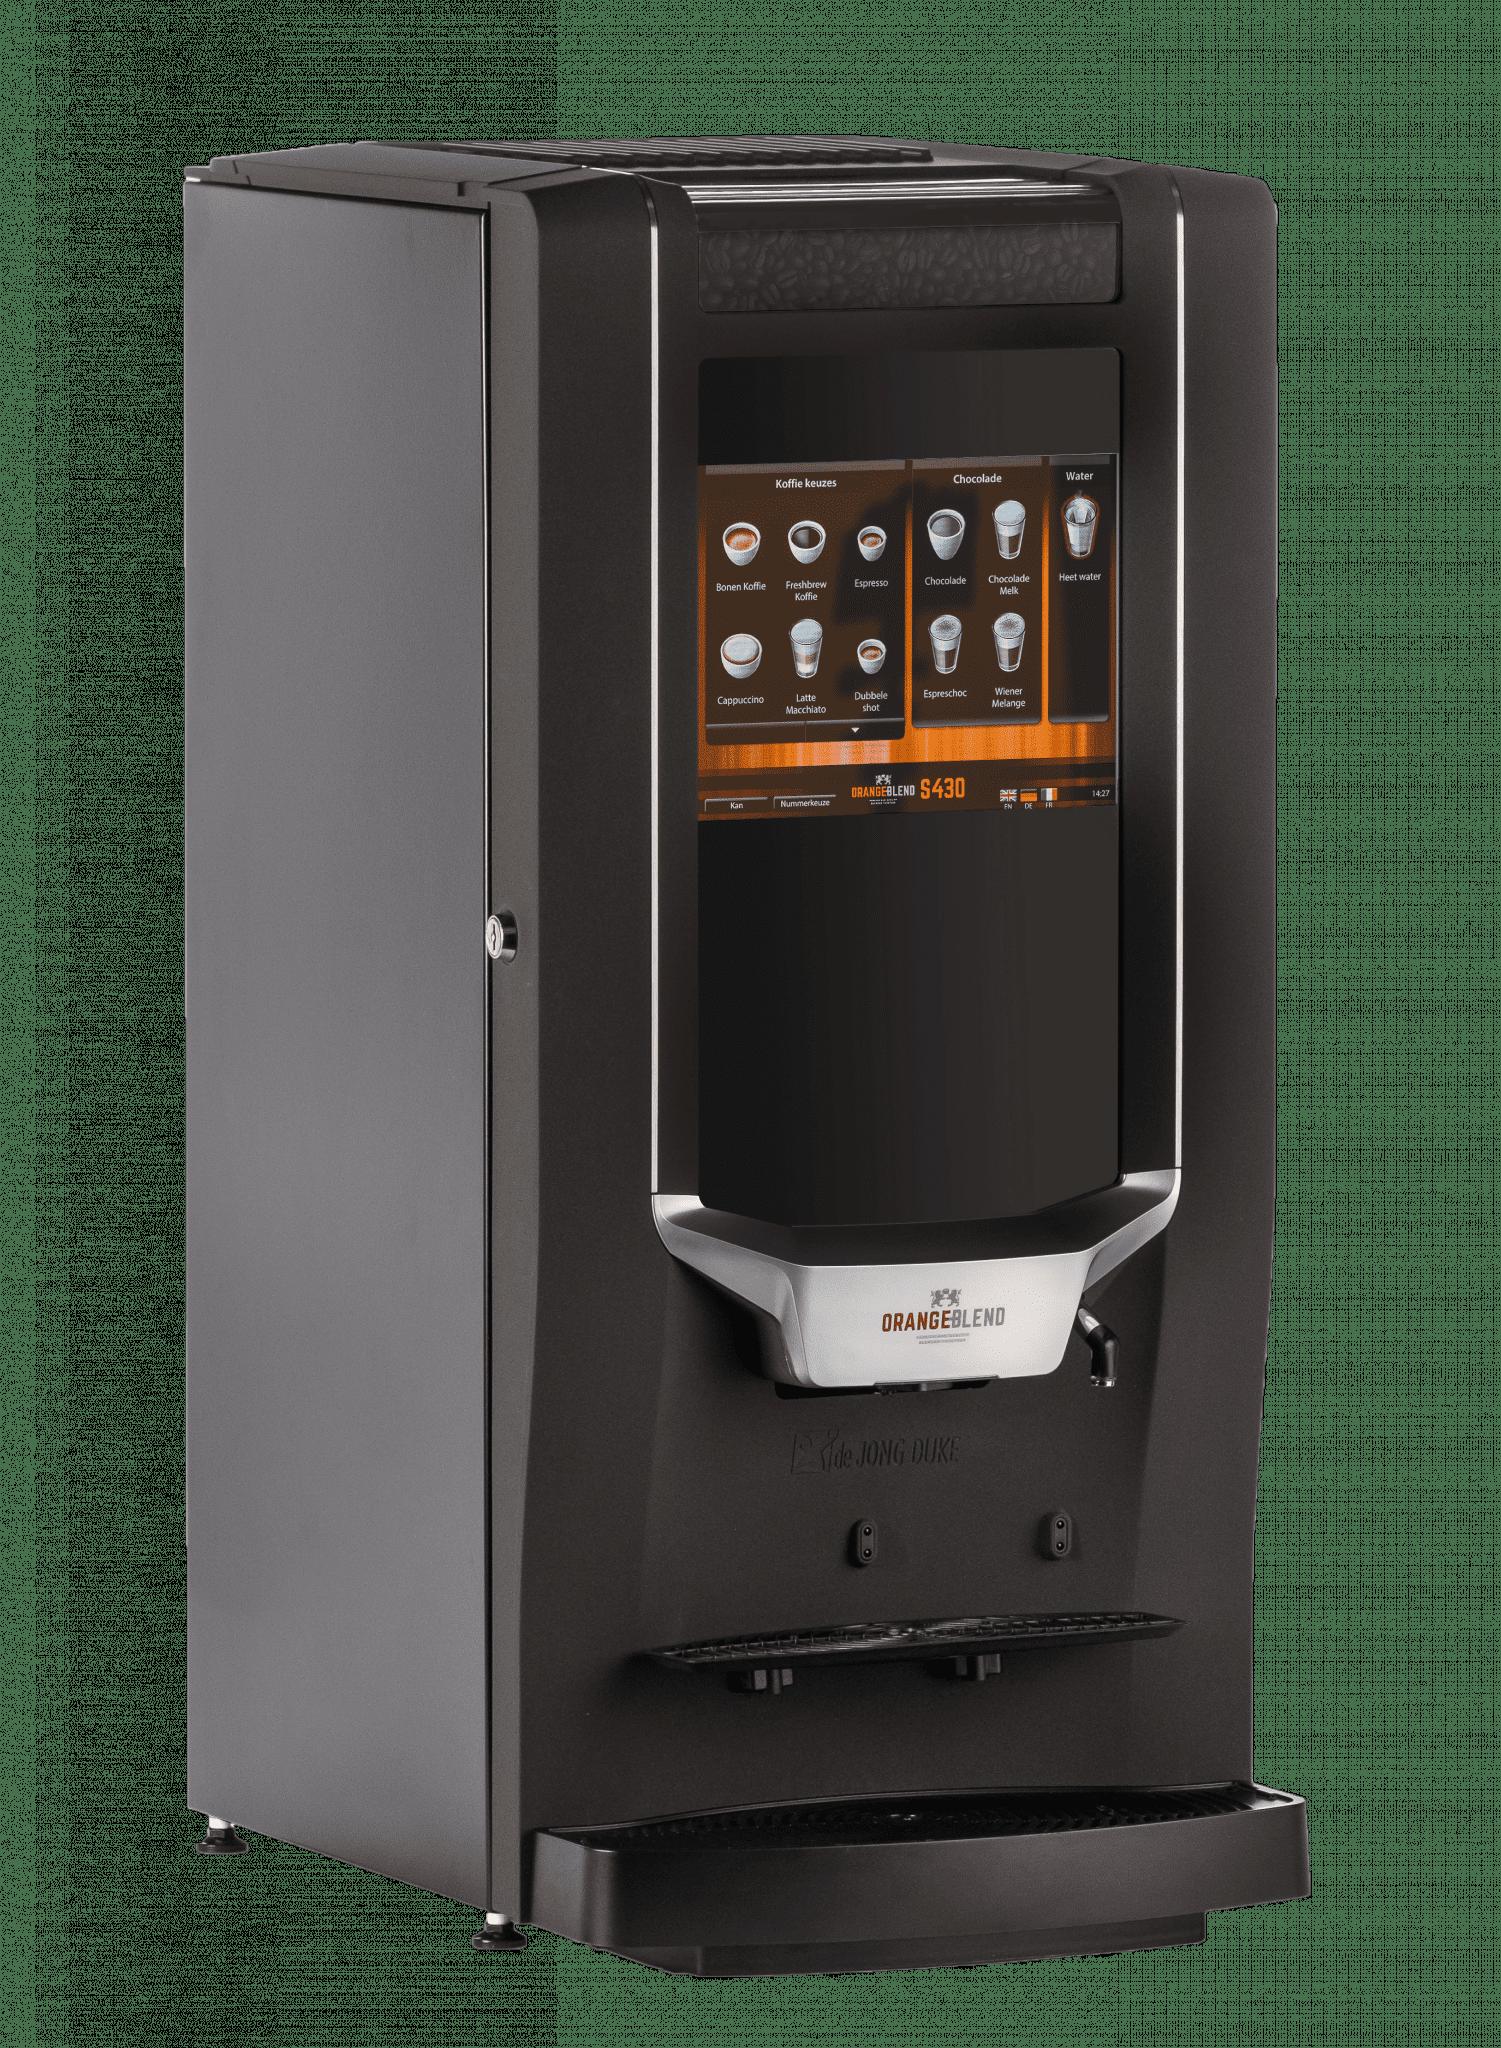 Koffiemachine S430